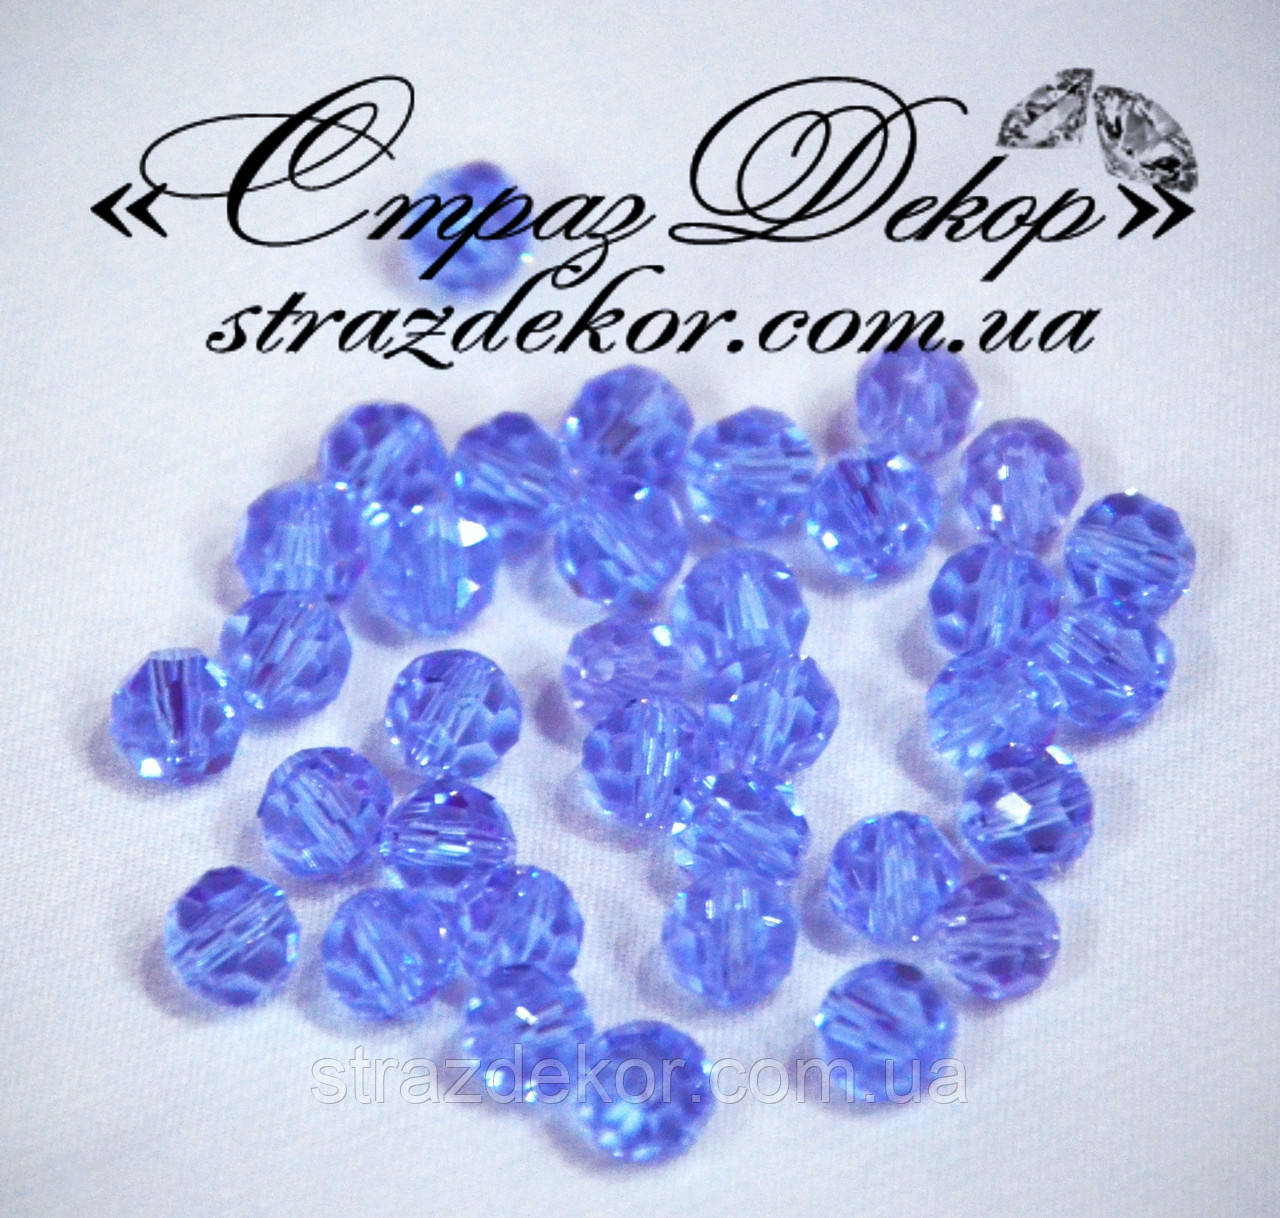 Хрустальные бусины круглые 6мм Lt. Saphire (голубые), фото 1